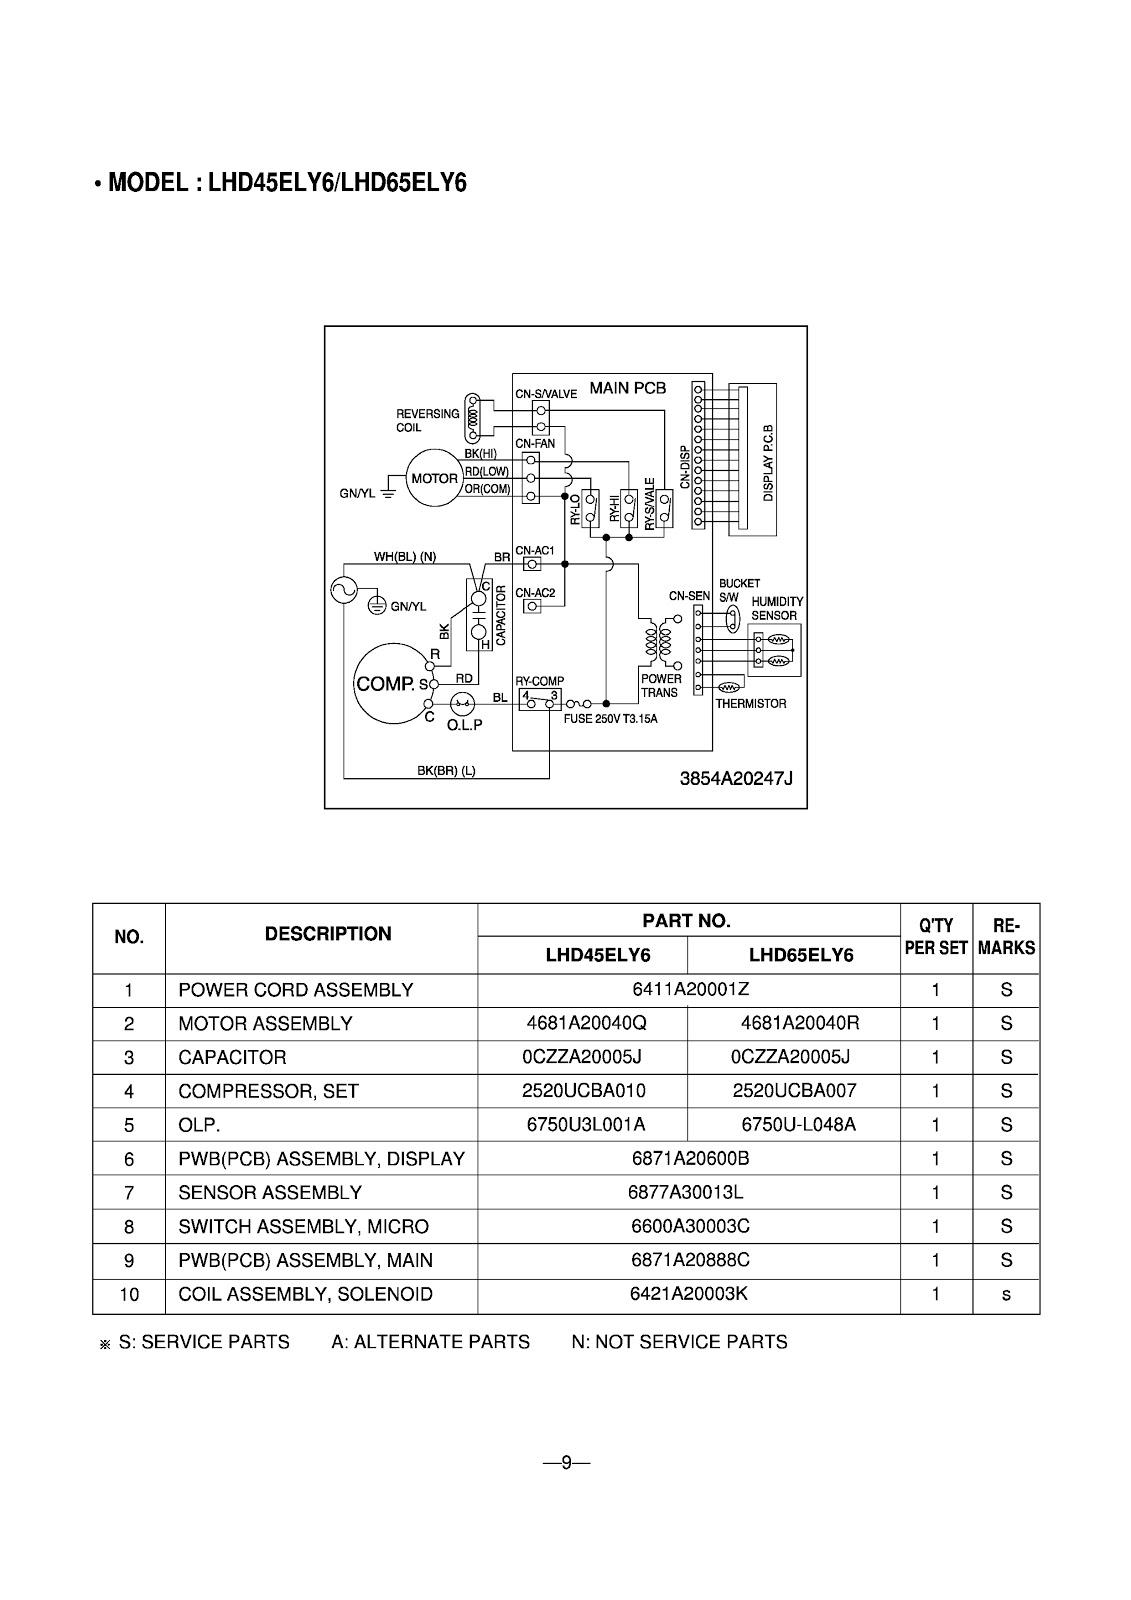 goldstar gps wiring diagram goldstar image wiring goldstar gps wiring diagram